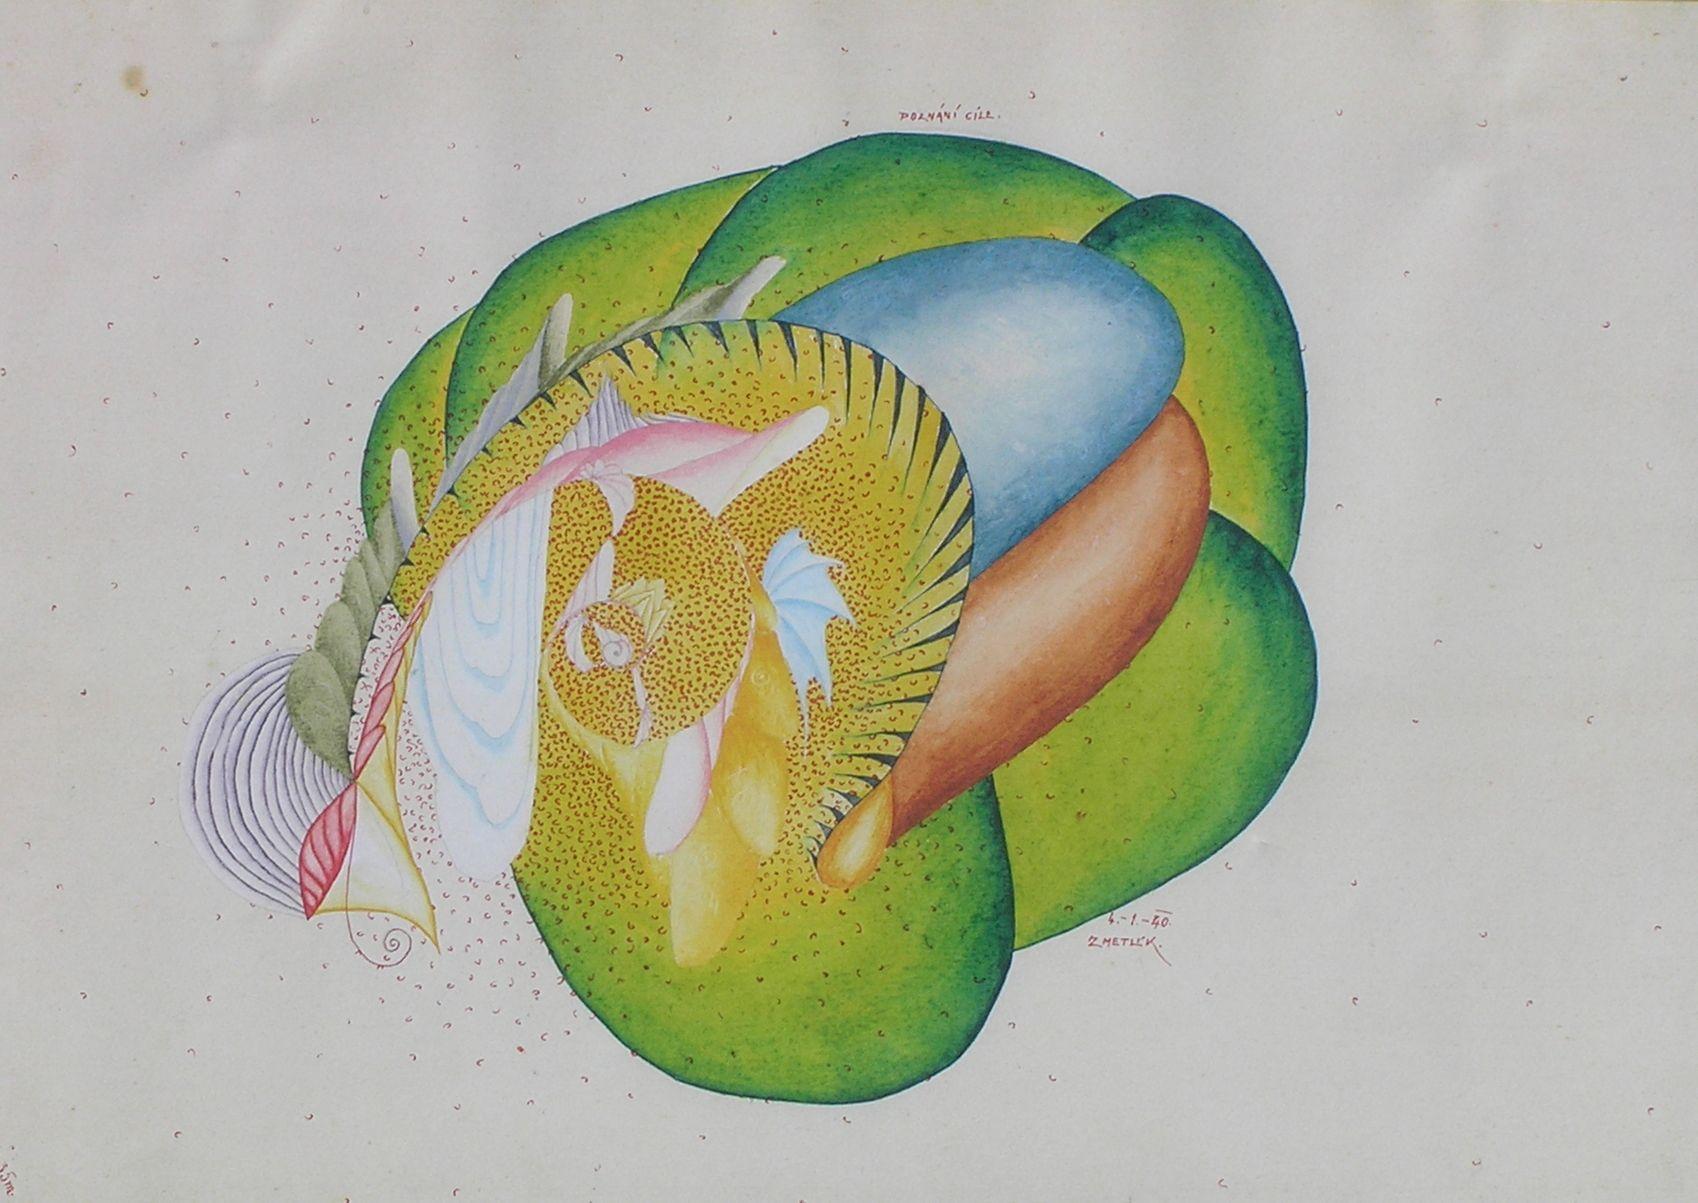 Co Ukryvaji Medijni Kresby Fenomen Spiritismu Priblizuje Vystava V